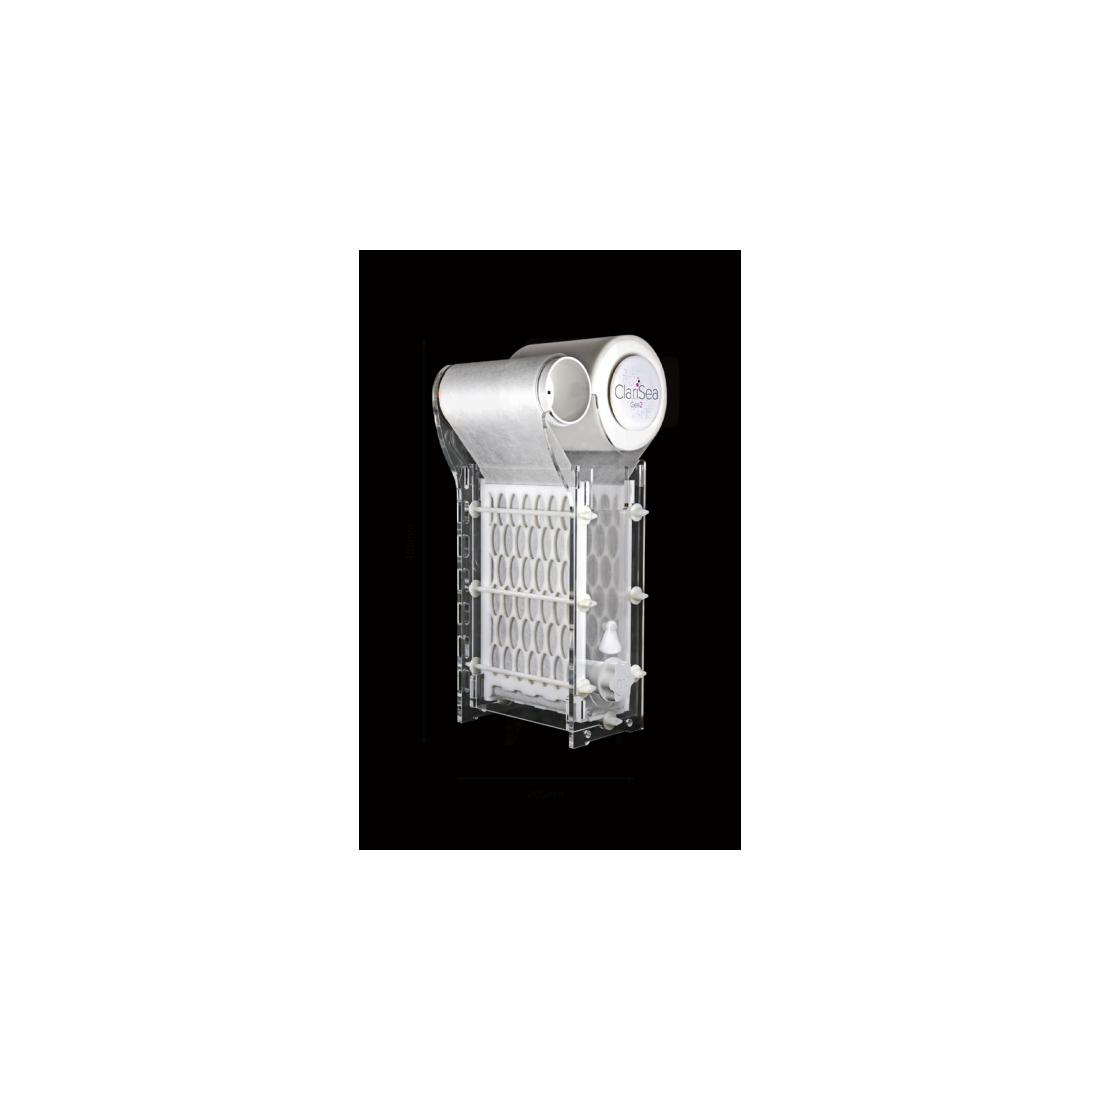 D&D Clarisea SK-5000 automatic